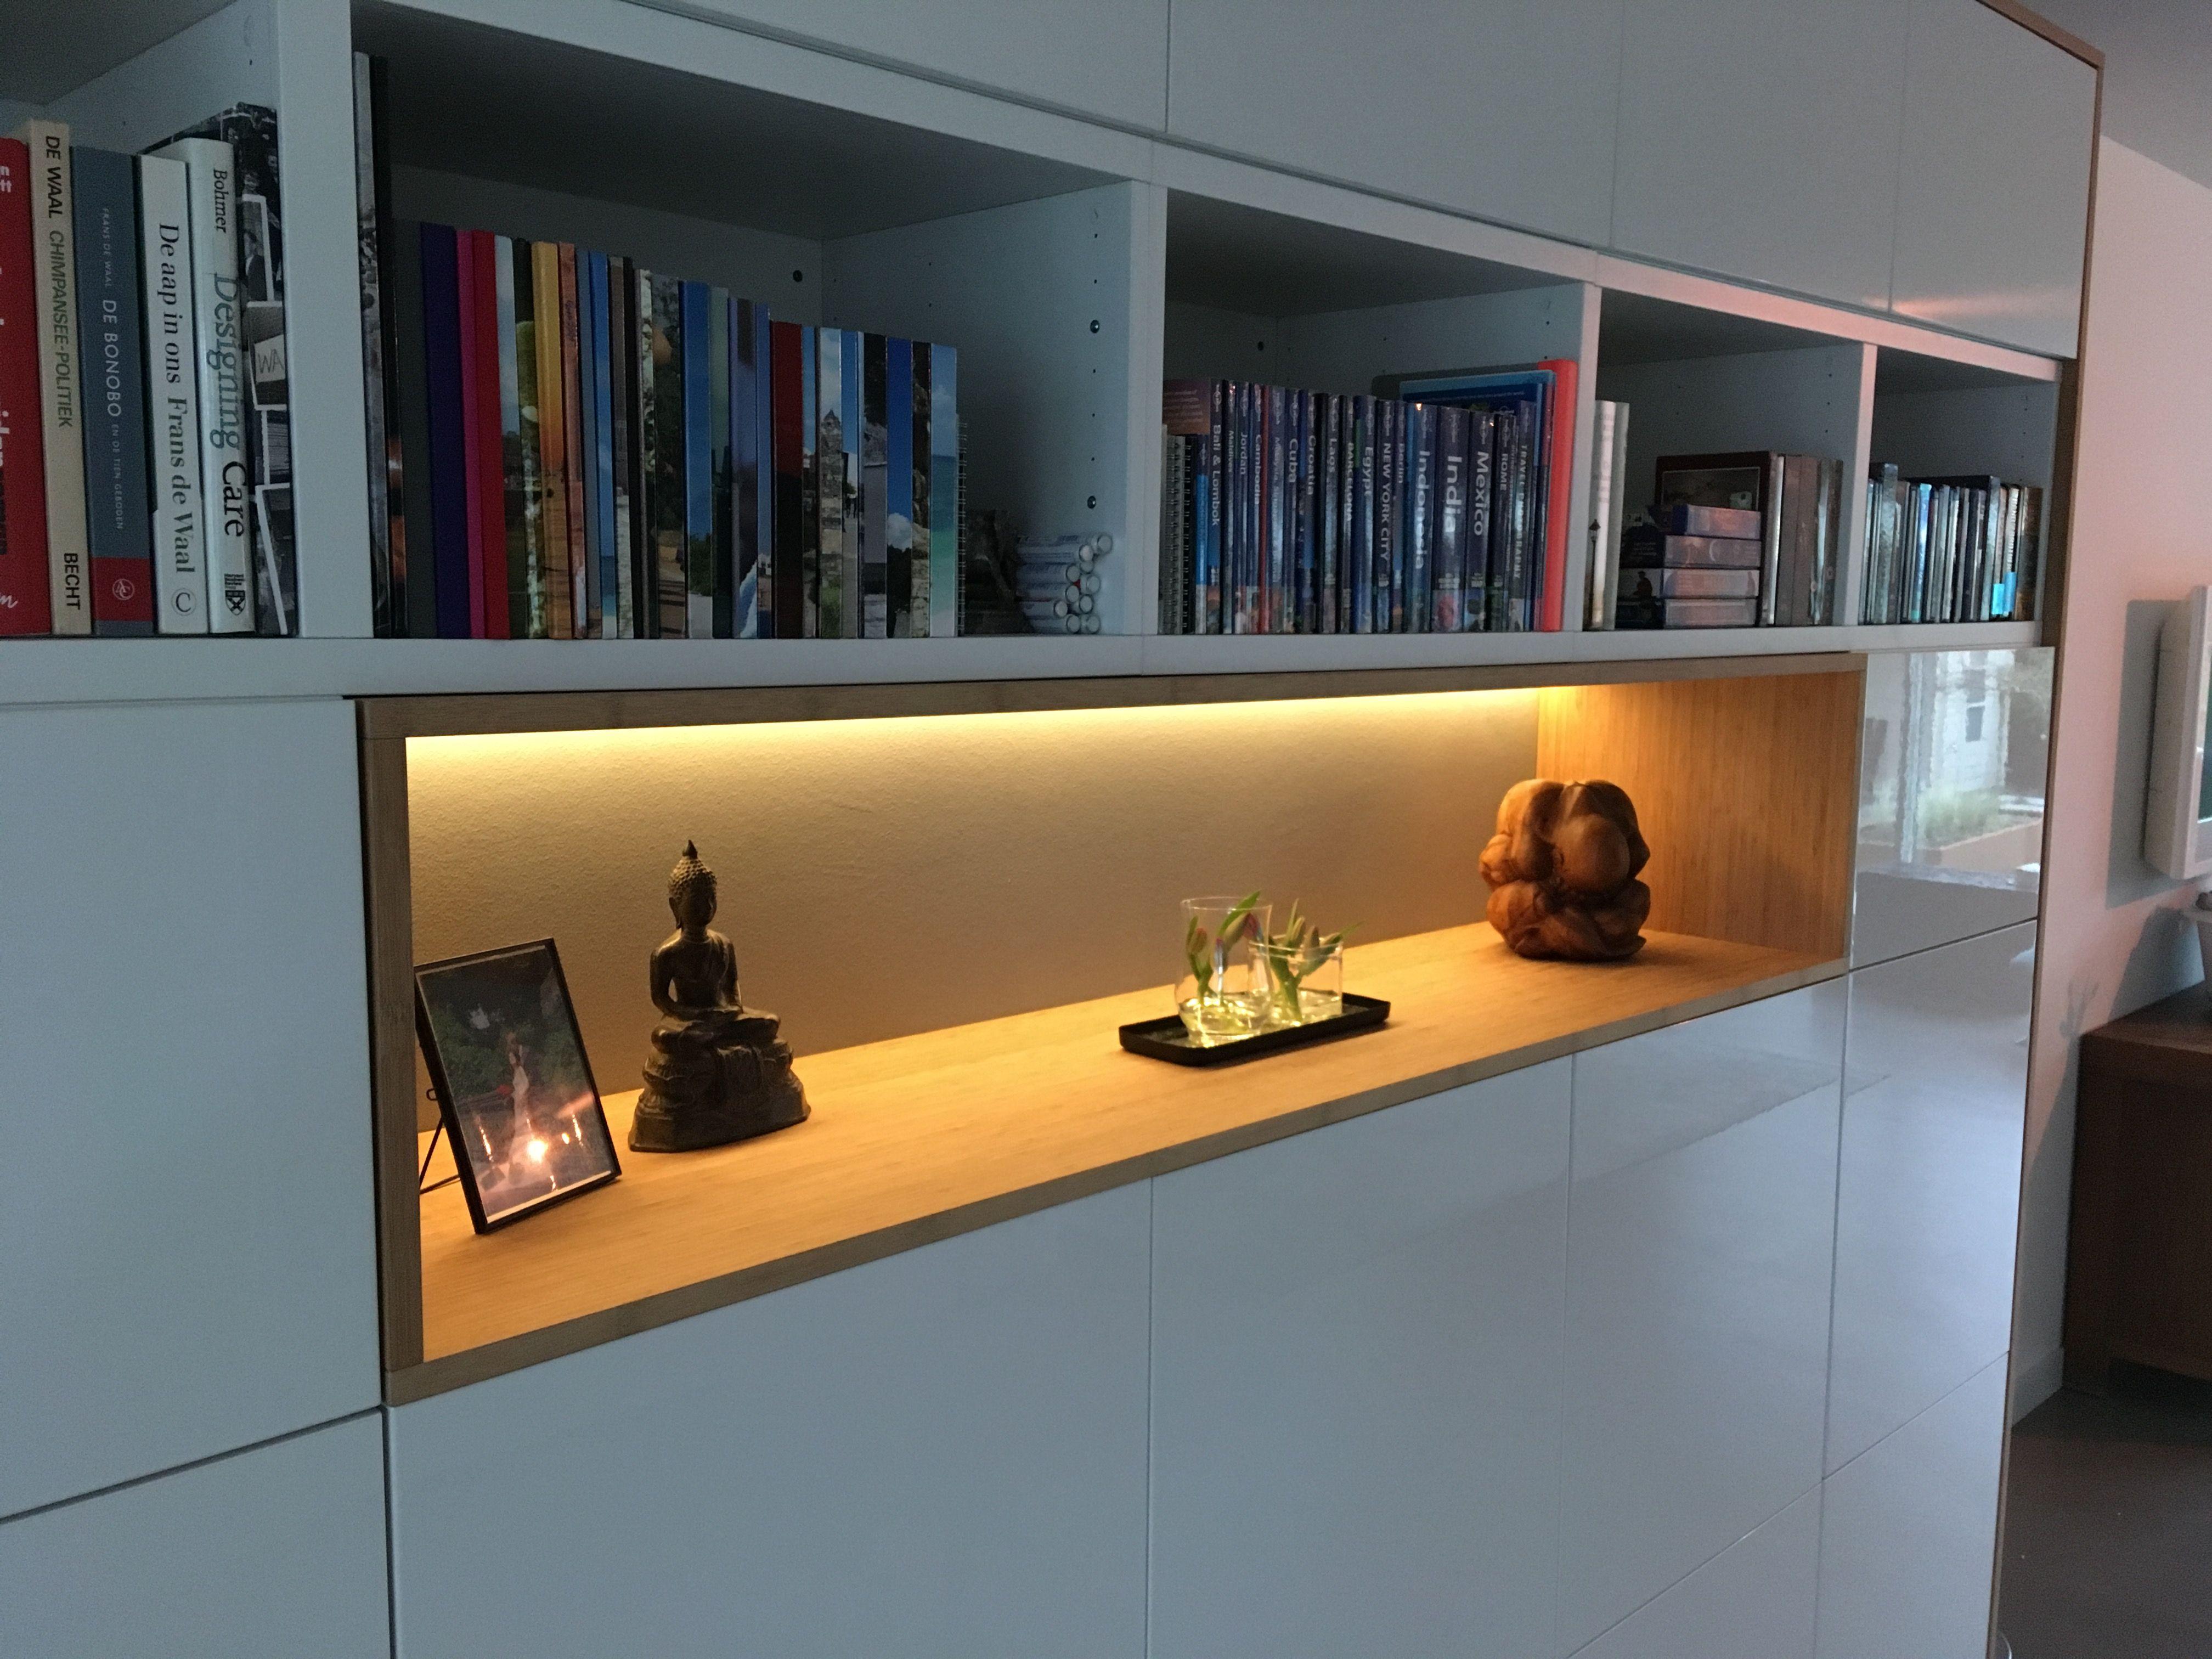 Ikea Besta Kast : Ikeahack ikea besta kast met bamboe ombouw en inbouw ikea in 2019